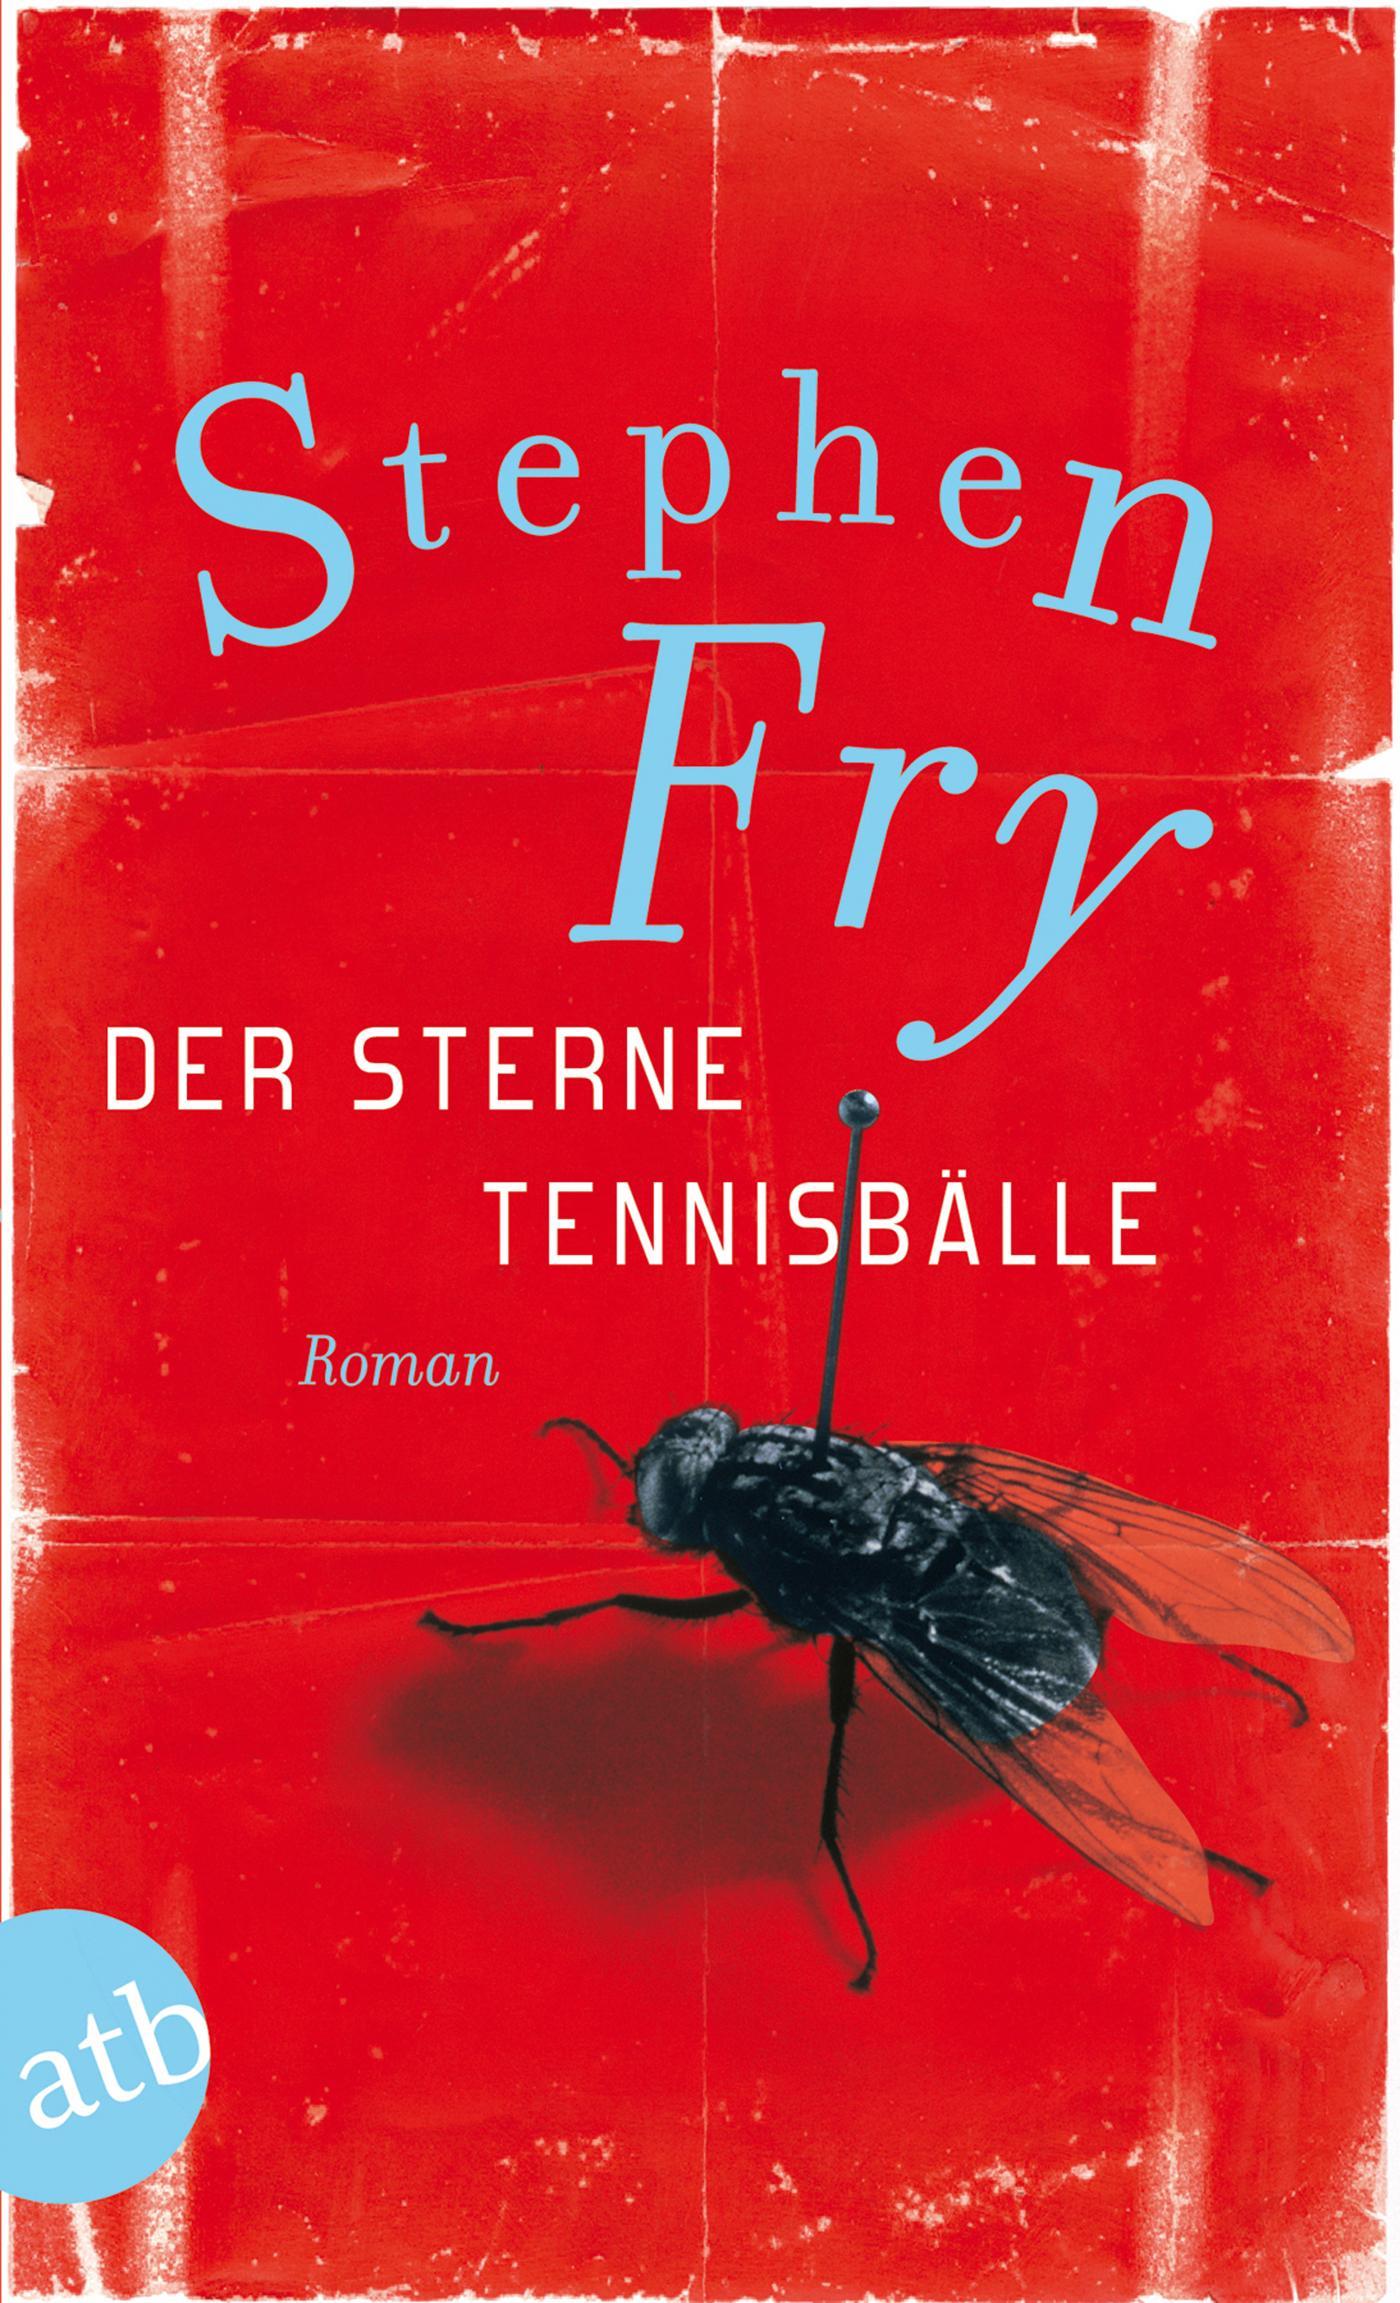 Der Sterne Tennisbälle, Stephen Fry